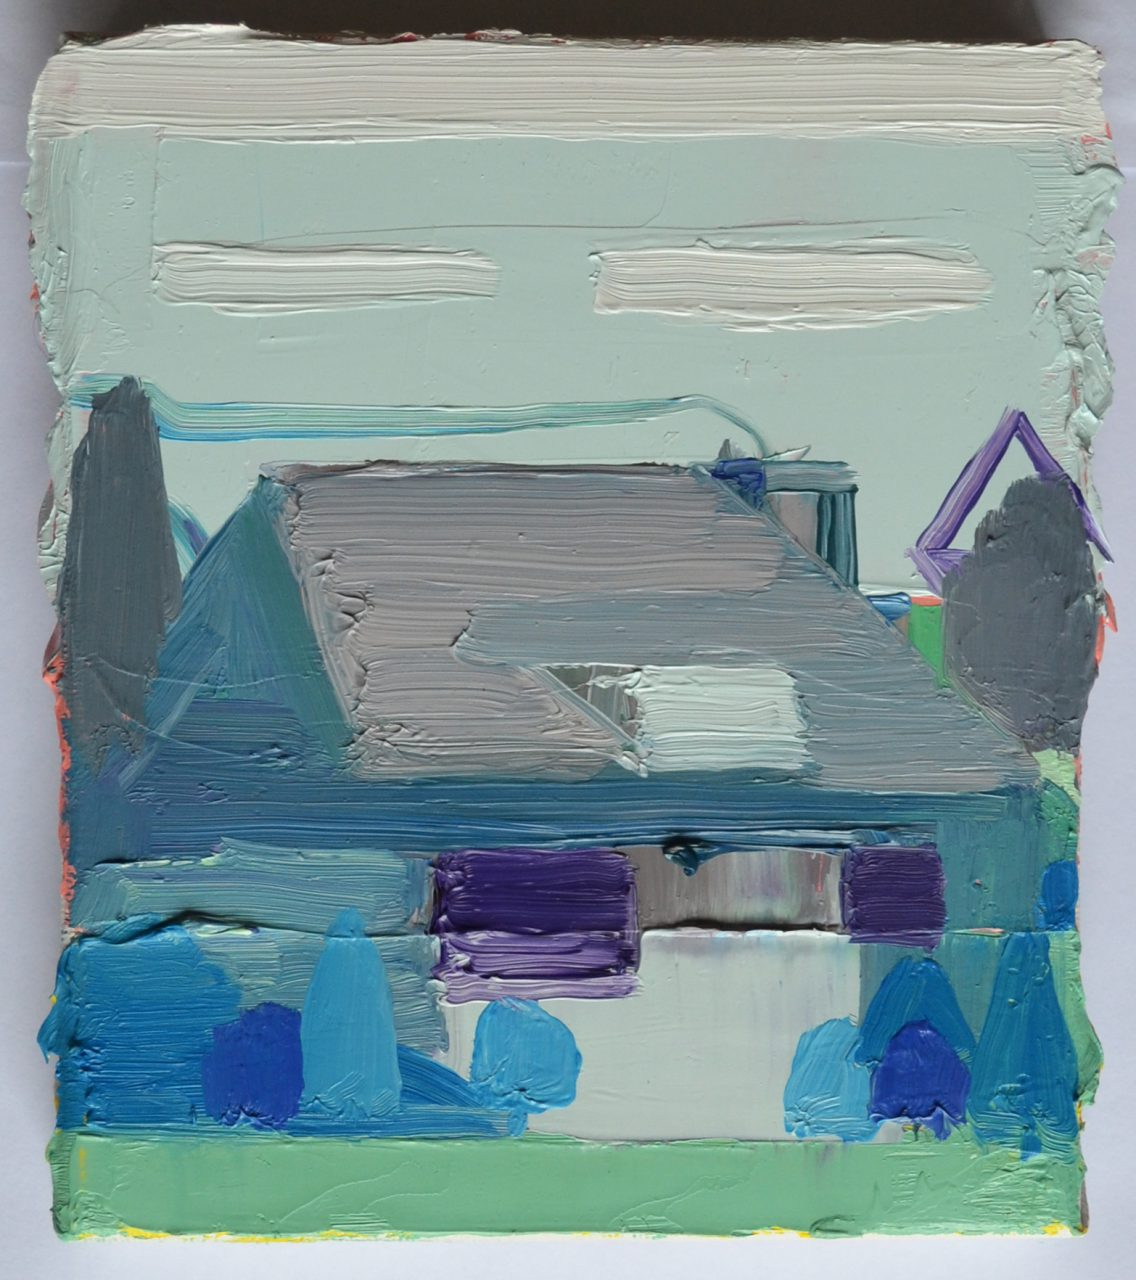 Dutch house nr9, 2016, oil on canvas, 10x12cm (collection Benetton)